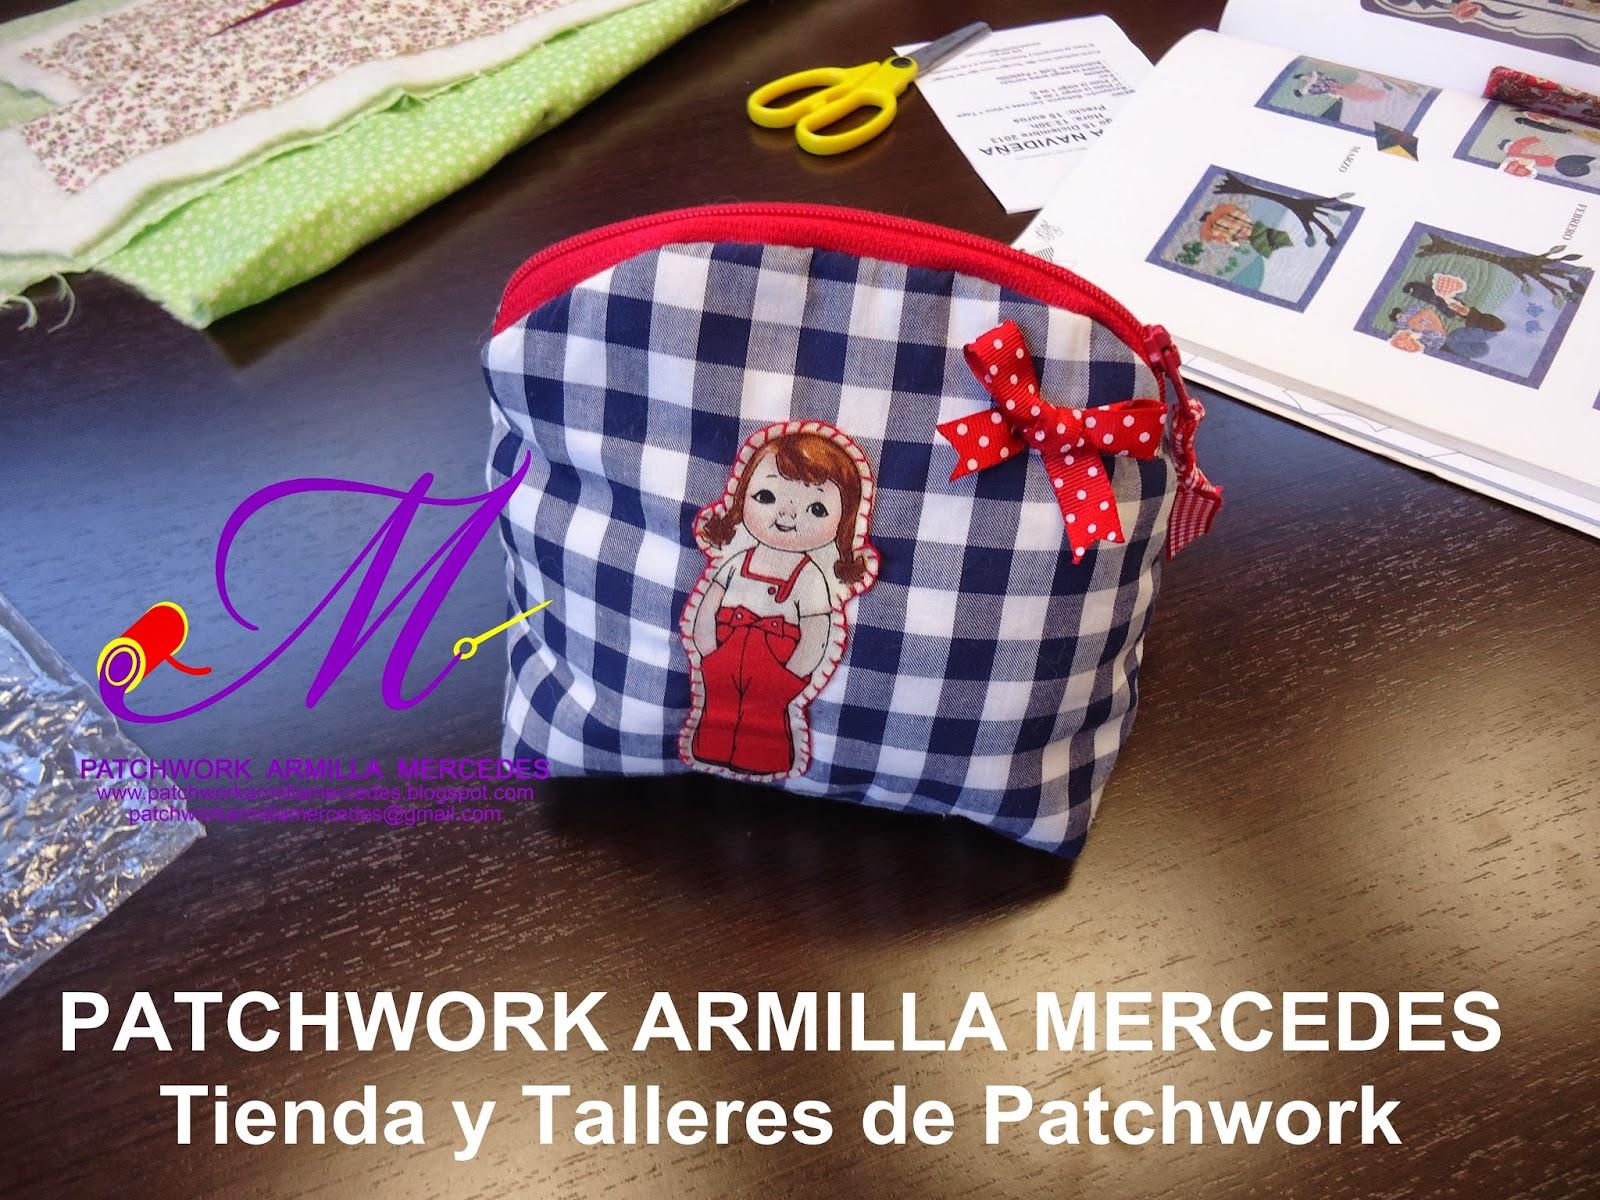 Patchwork armilla mercedes s l fotos de los talleres de for Fotos de patchwork